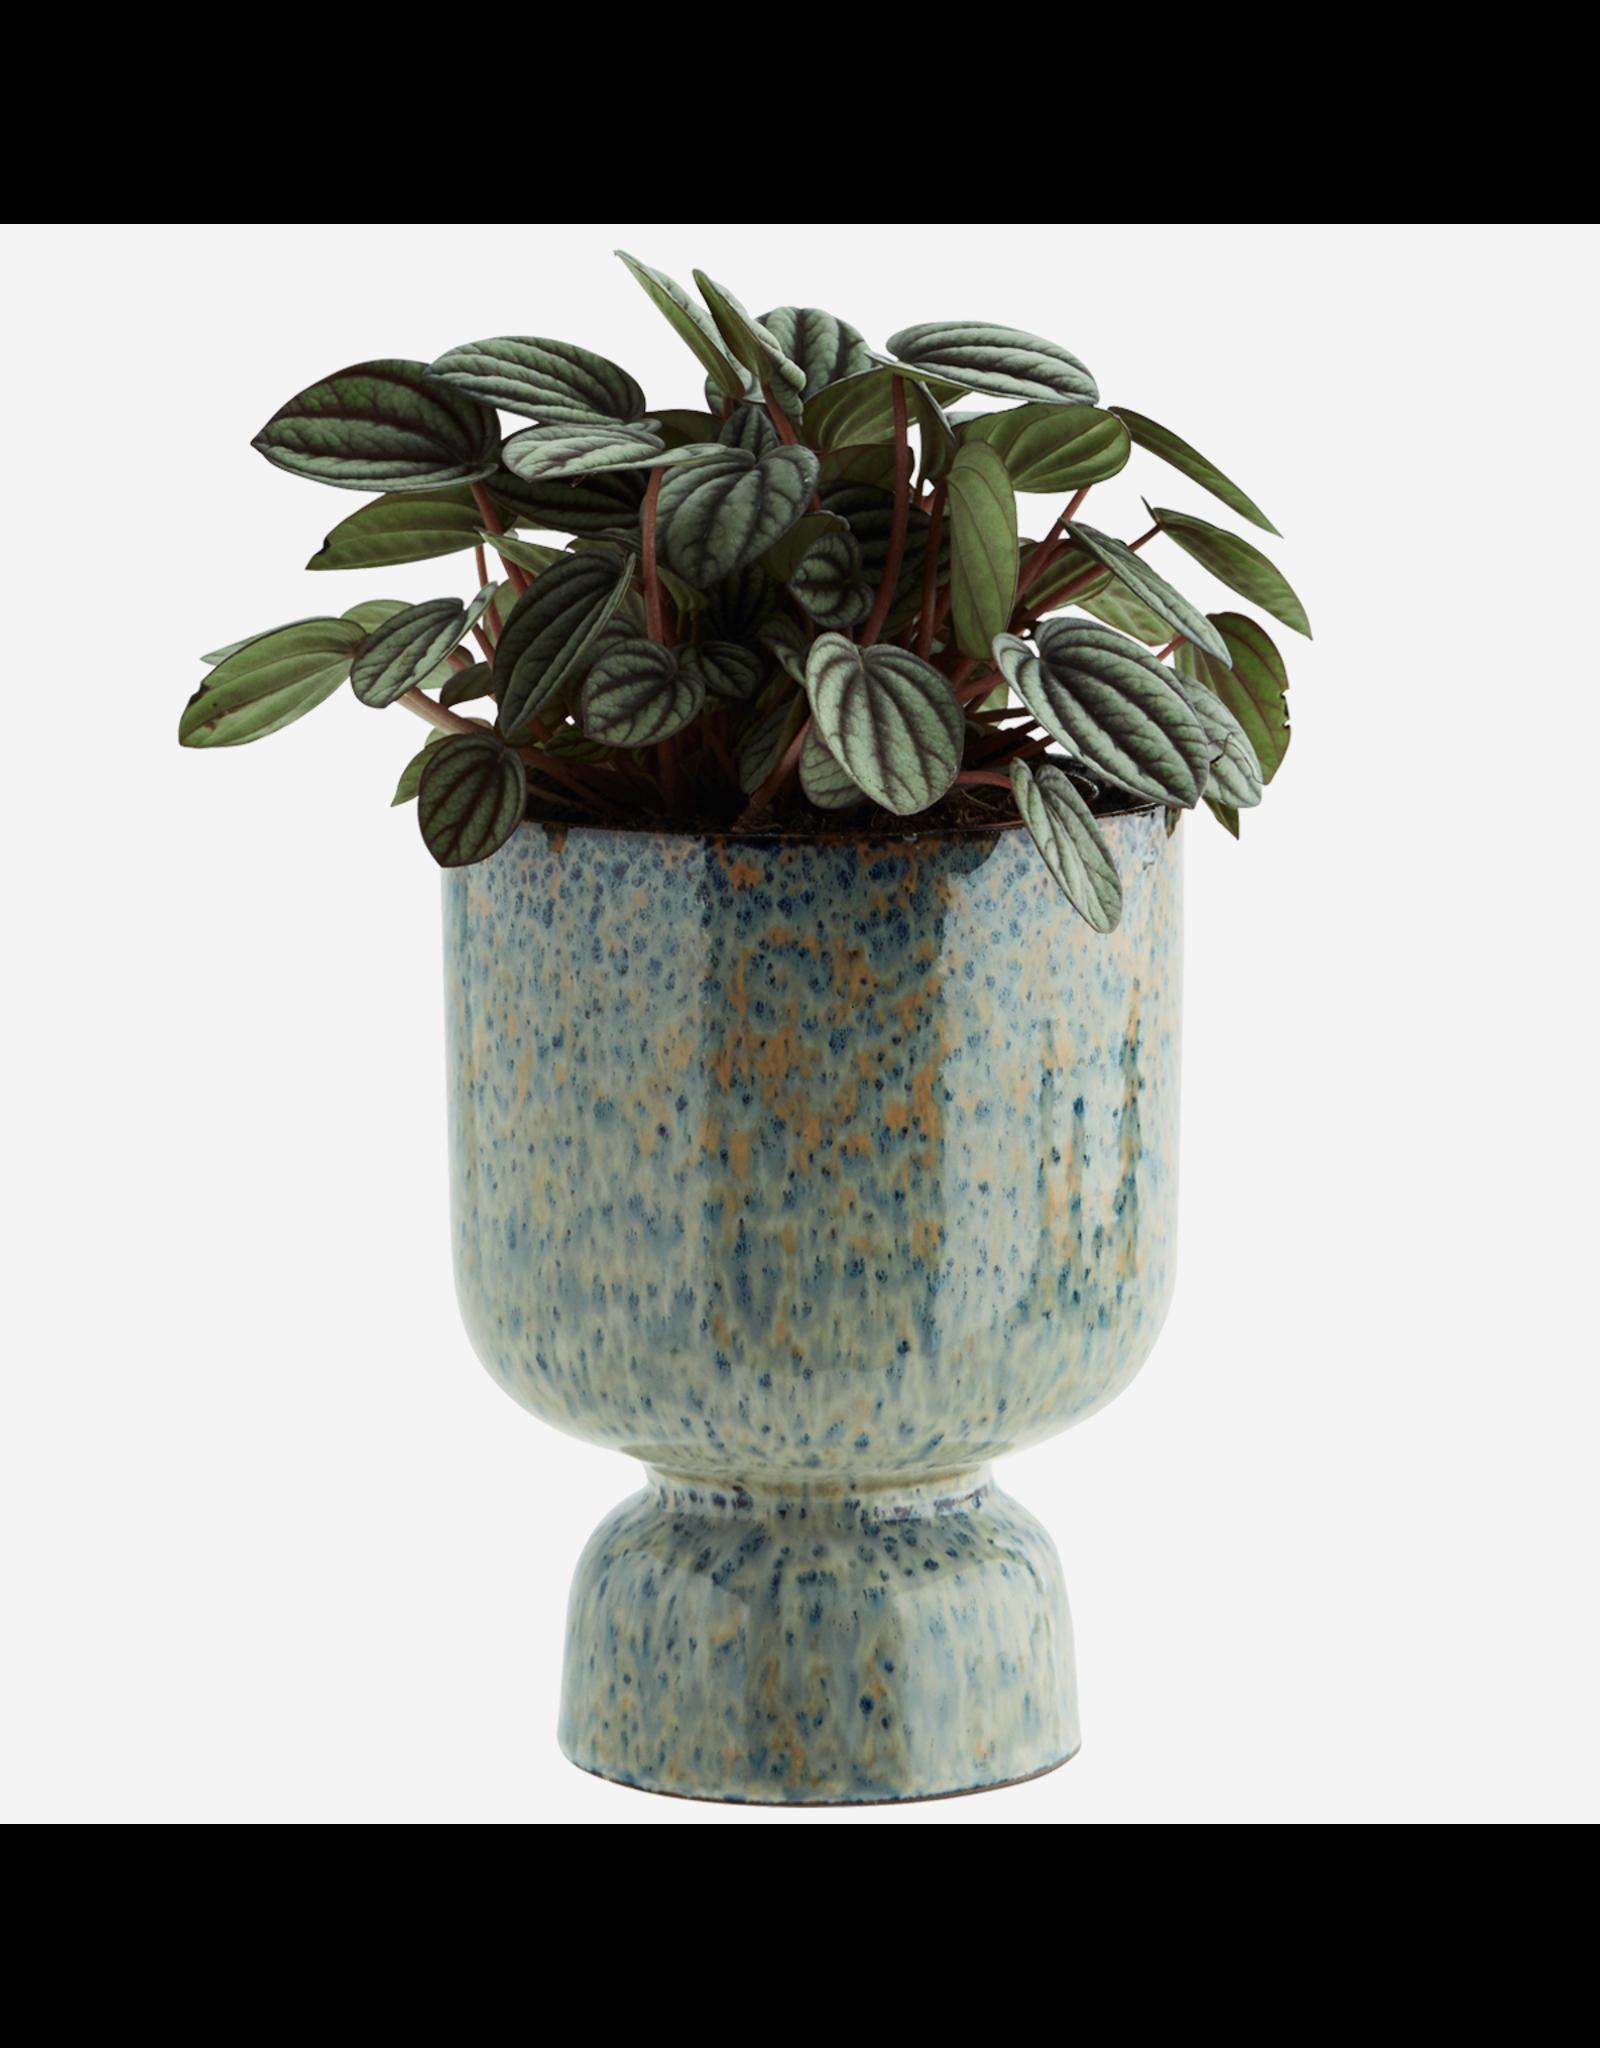 Madam Stolz Bloempot - blauw en roest - Ø 14 x H 17,5 cm - Steen